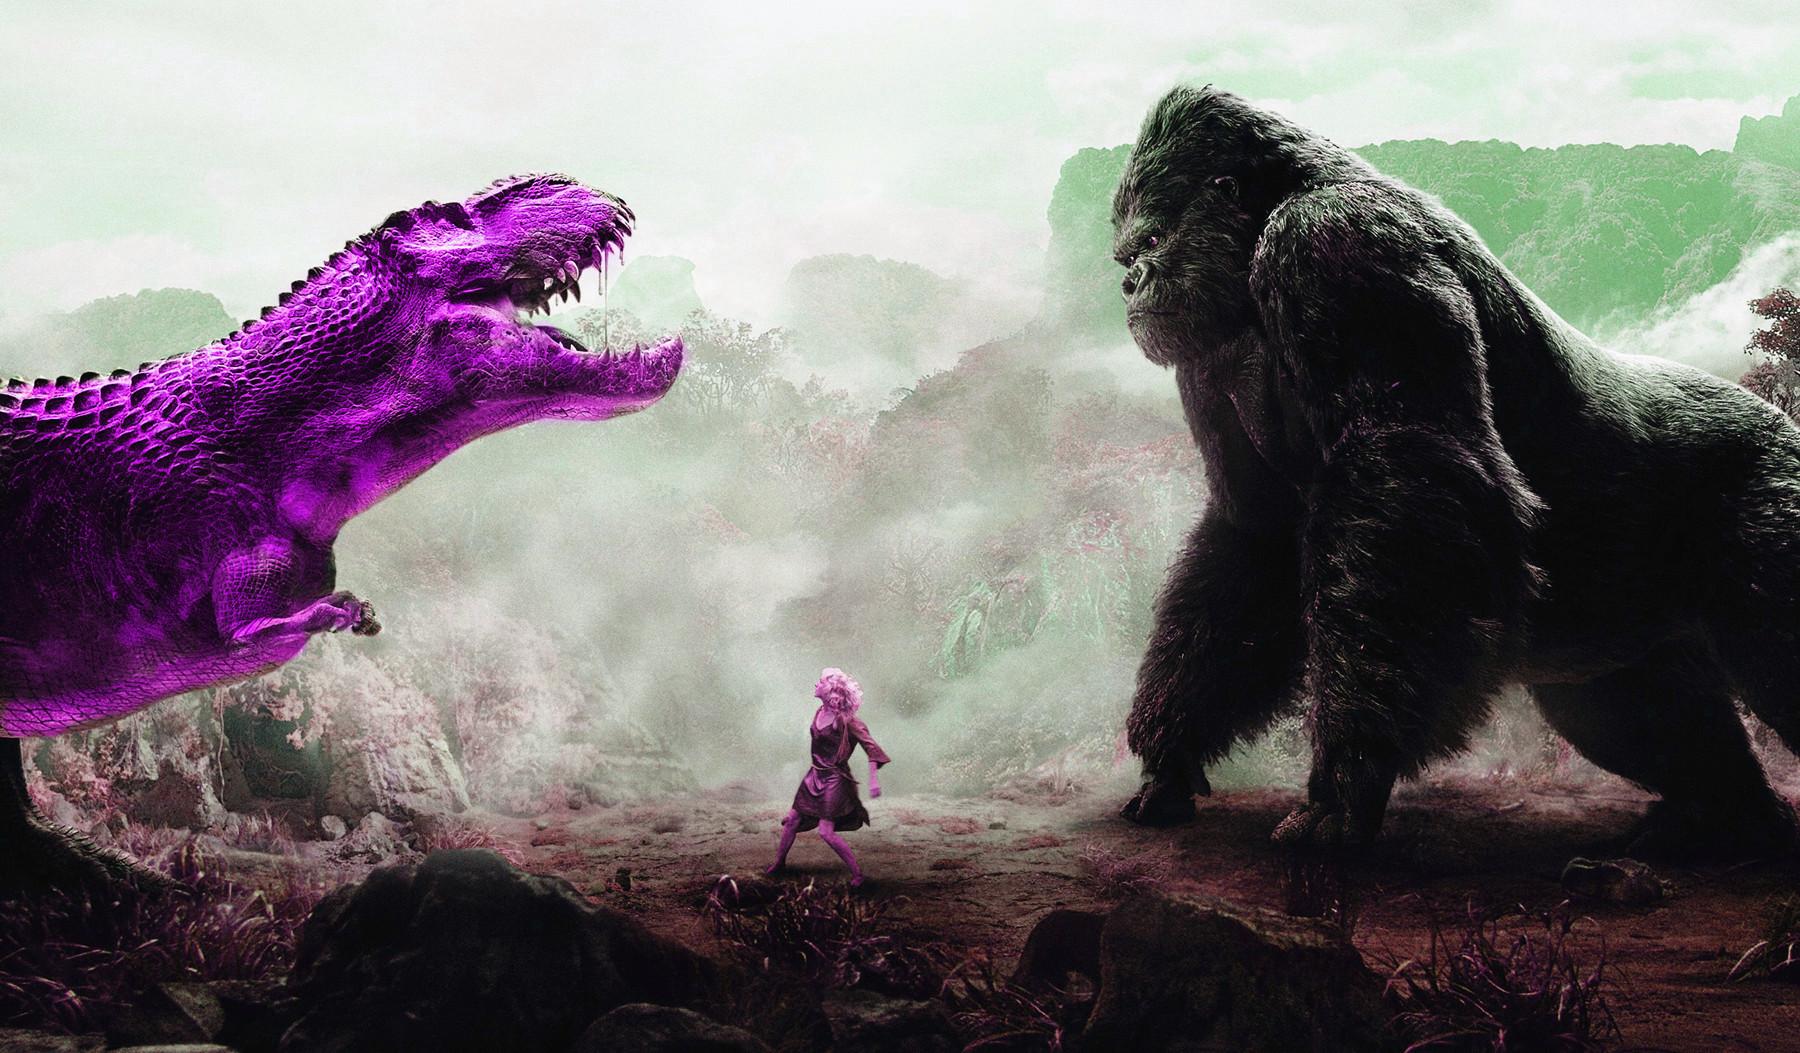 """《變形金剛7》開拍時間確認, """"野獸金剛""""即將登場, 新宇宙起航-圖3"""